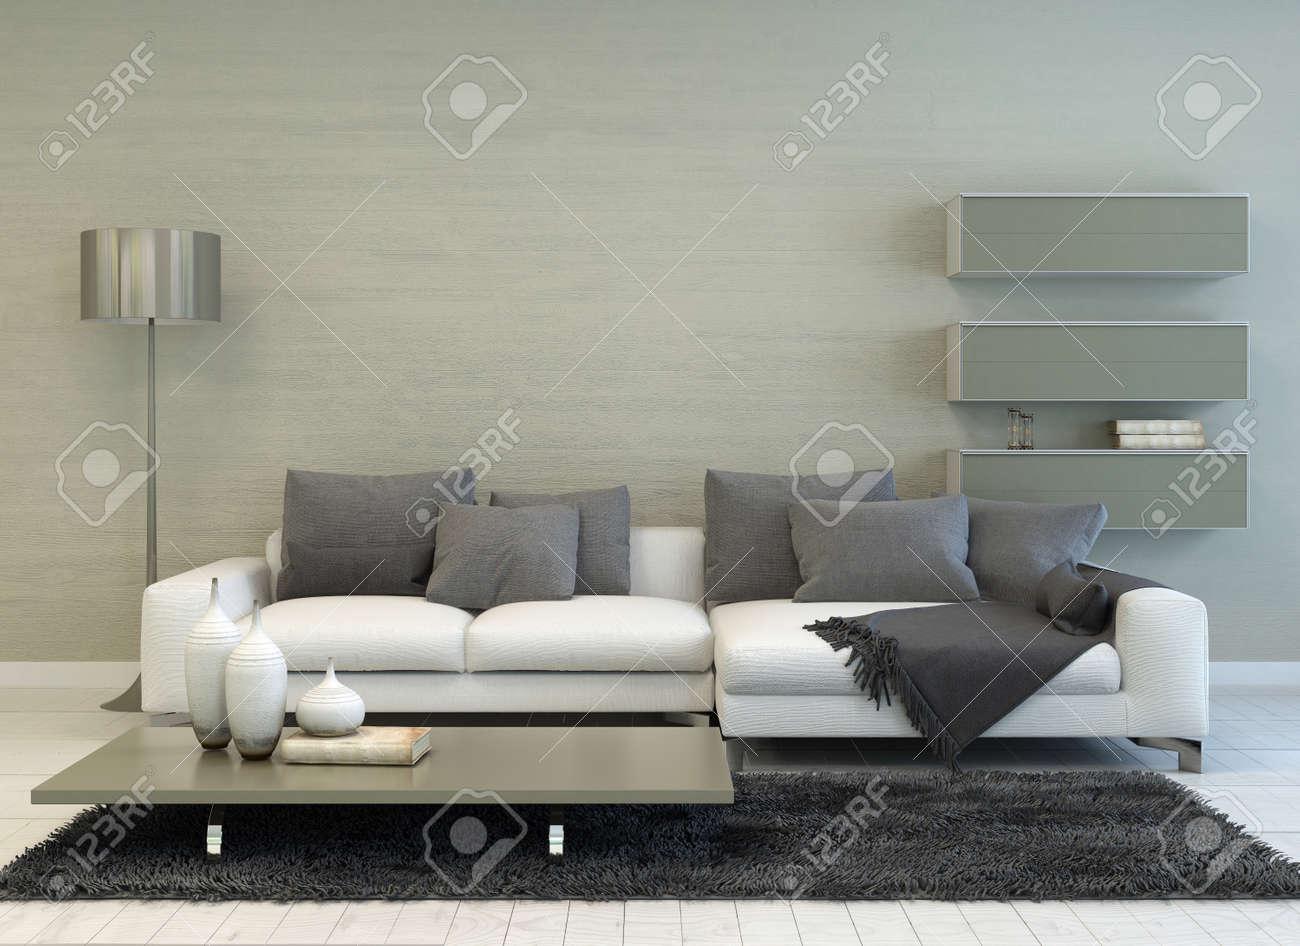 moderne graue und weiße wohnzimmer mit stehlampe, sofa, couchtisch ... - Moderne Wohnzimmer Stehlampe